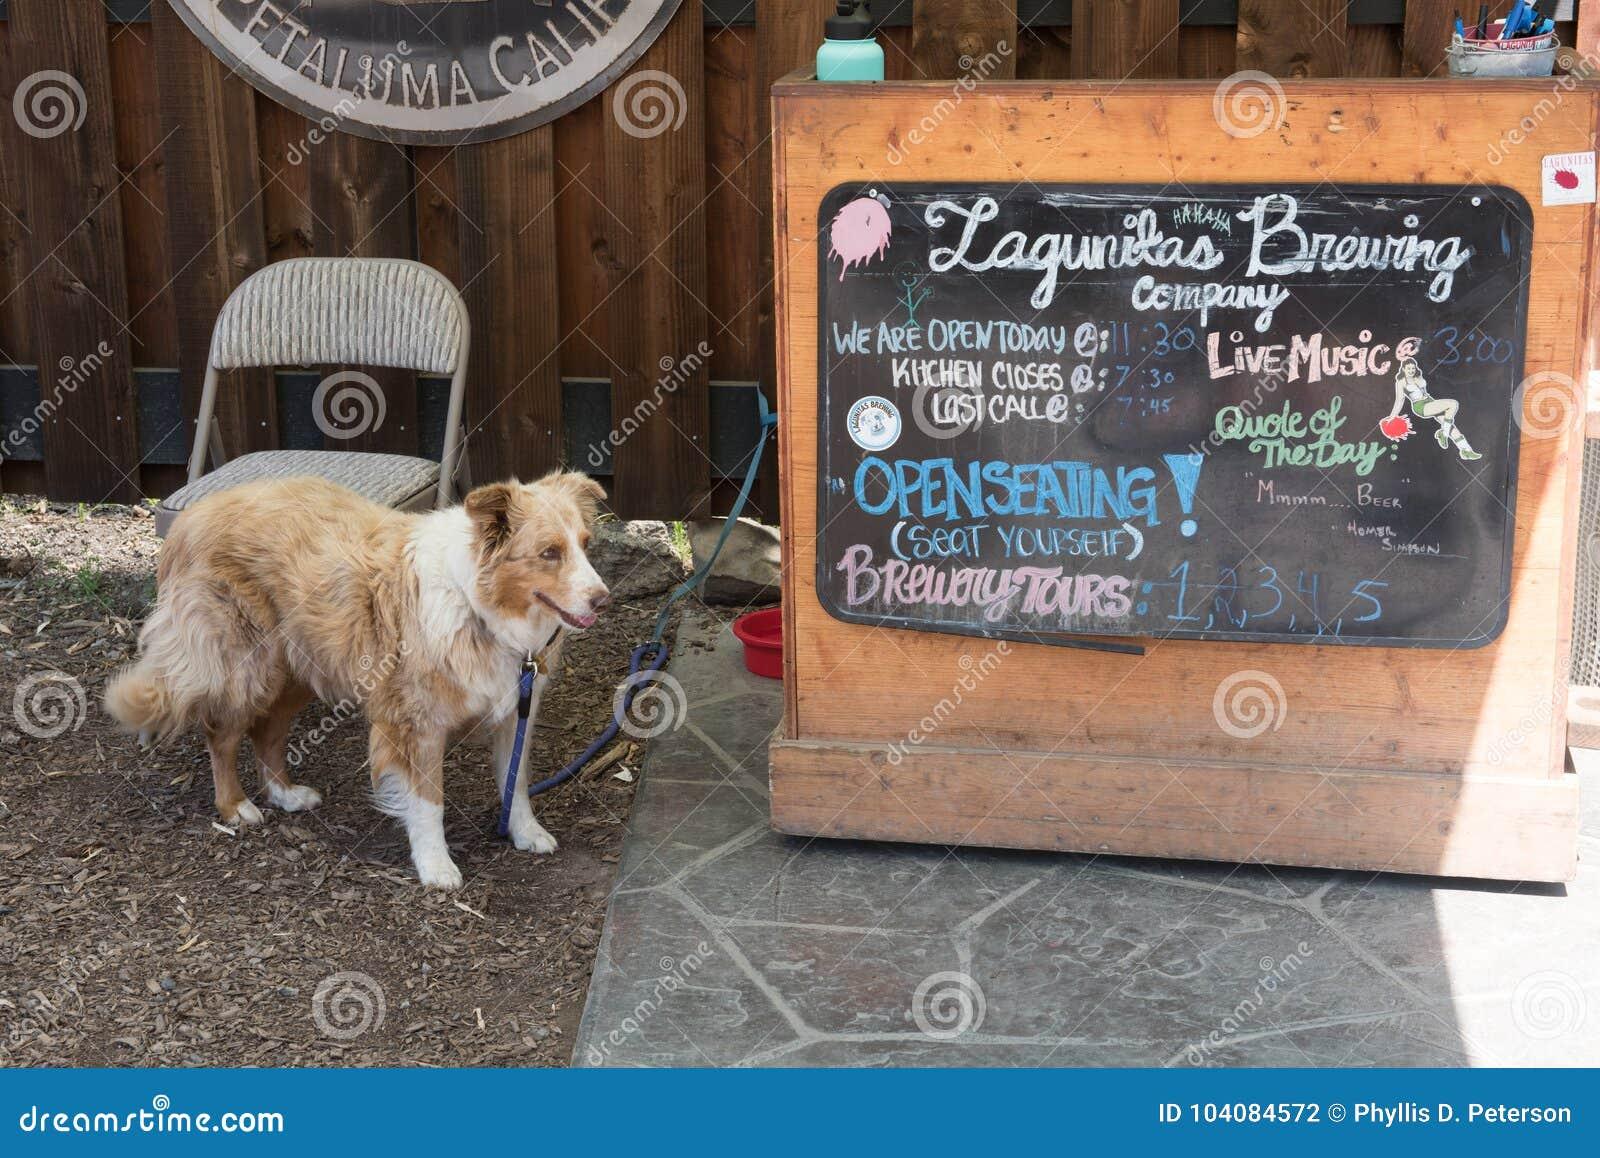 Persiga esperar su amo en la muestra de Lagunitas Brewing Company